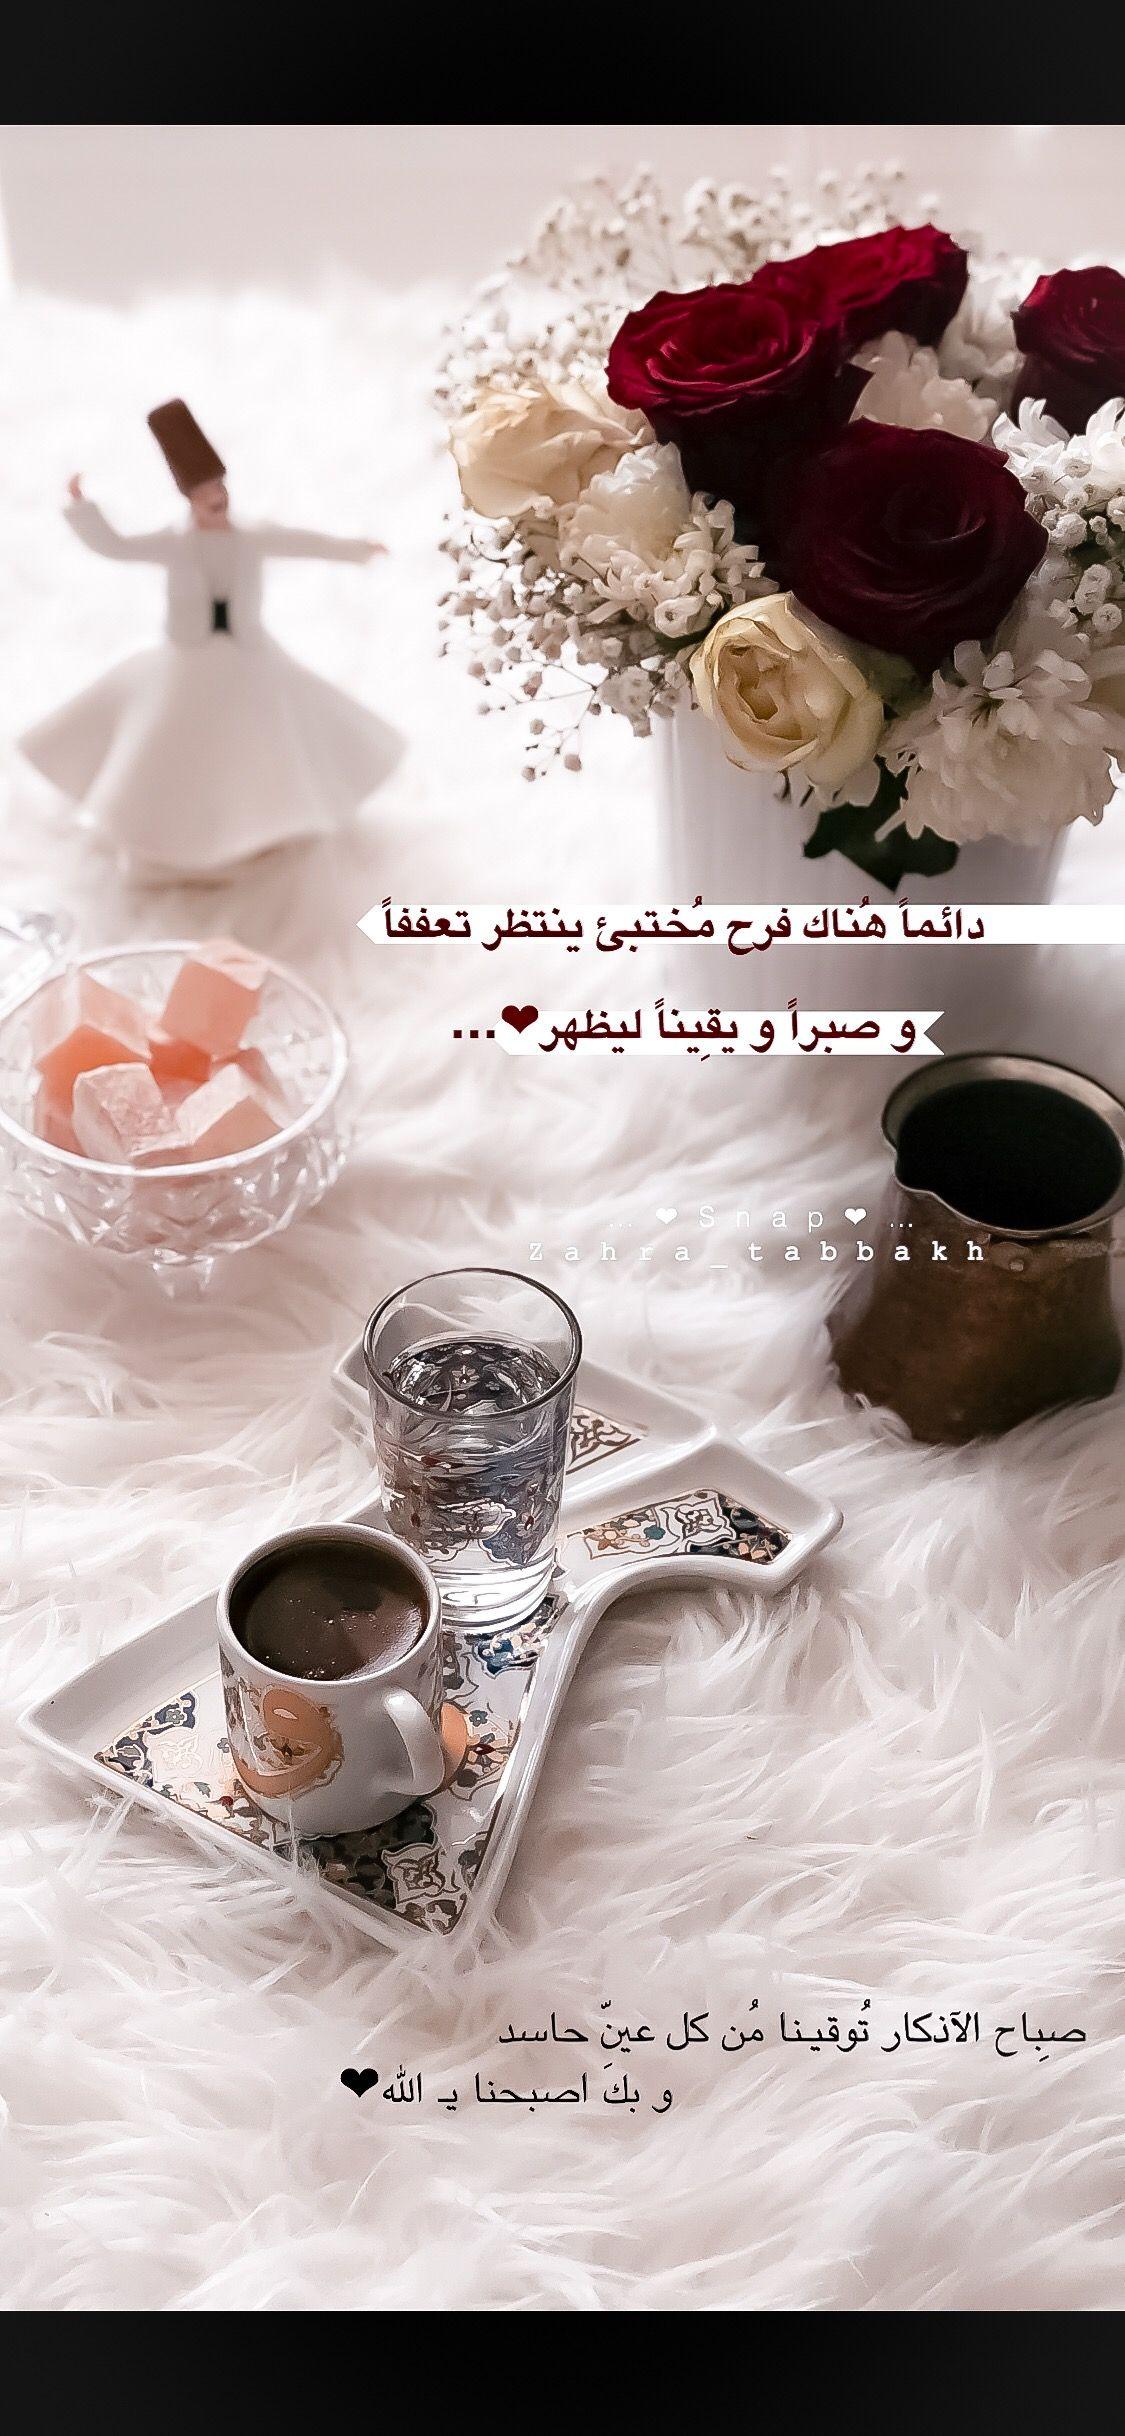 قهوتي قهوة صباحالخير صباحالورد سنابات اقتباسات بيسيات دعاء جمعةمباركة جمعة صباحات صباح سنابي سناب صور ورد My Coffee Coffee Time Coffee Tea